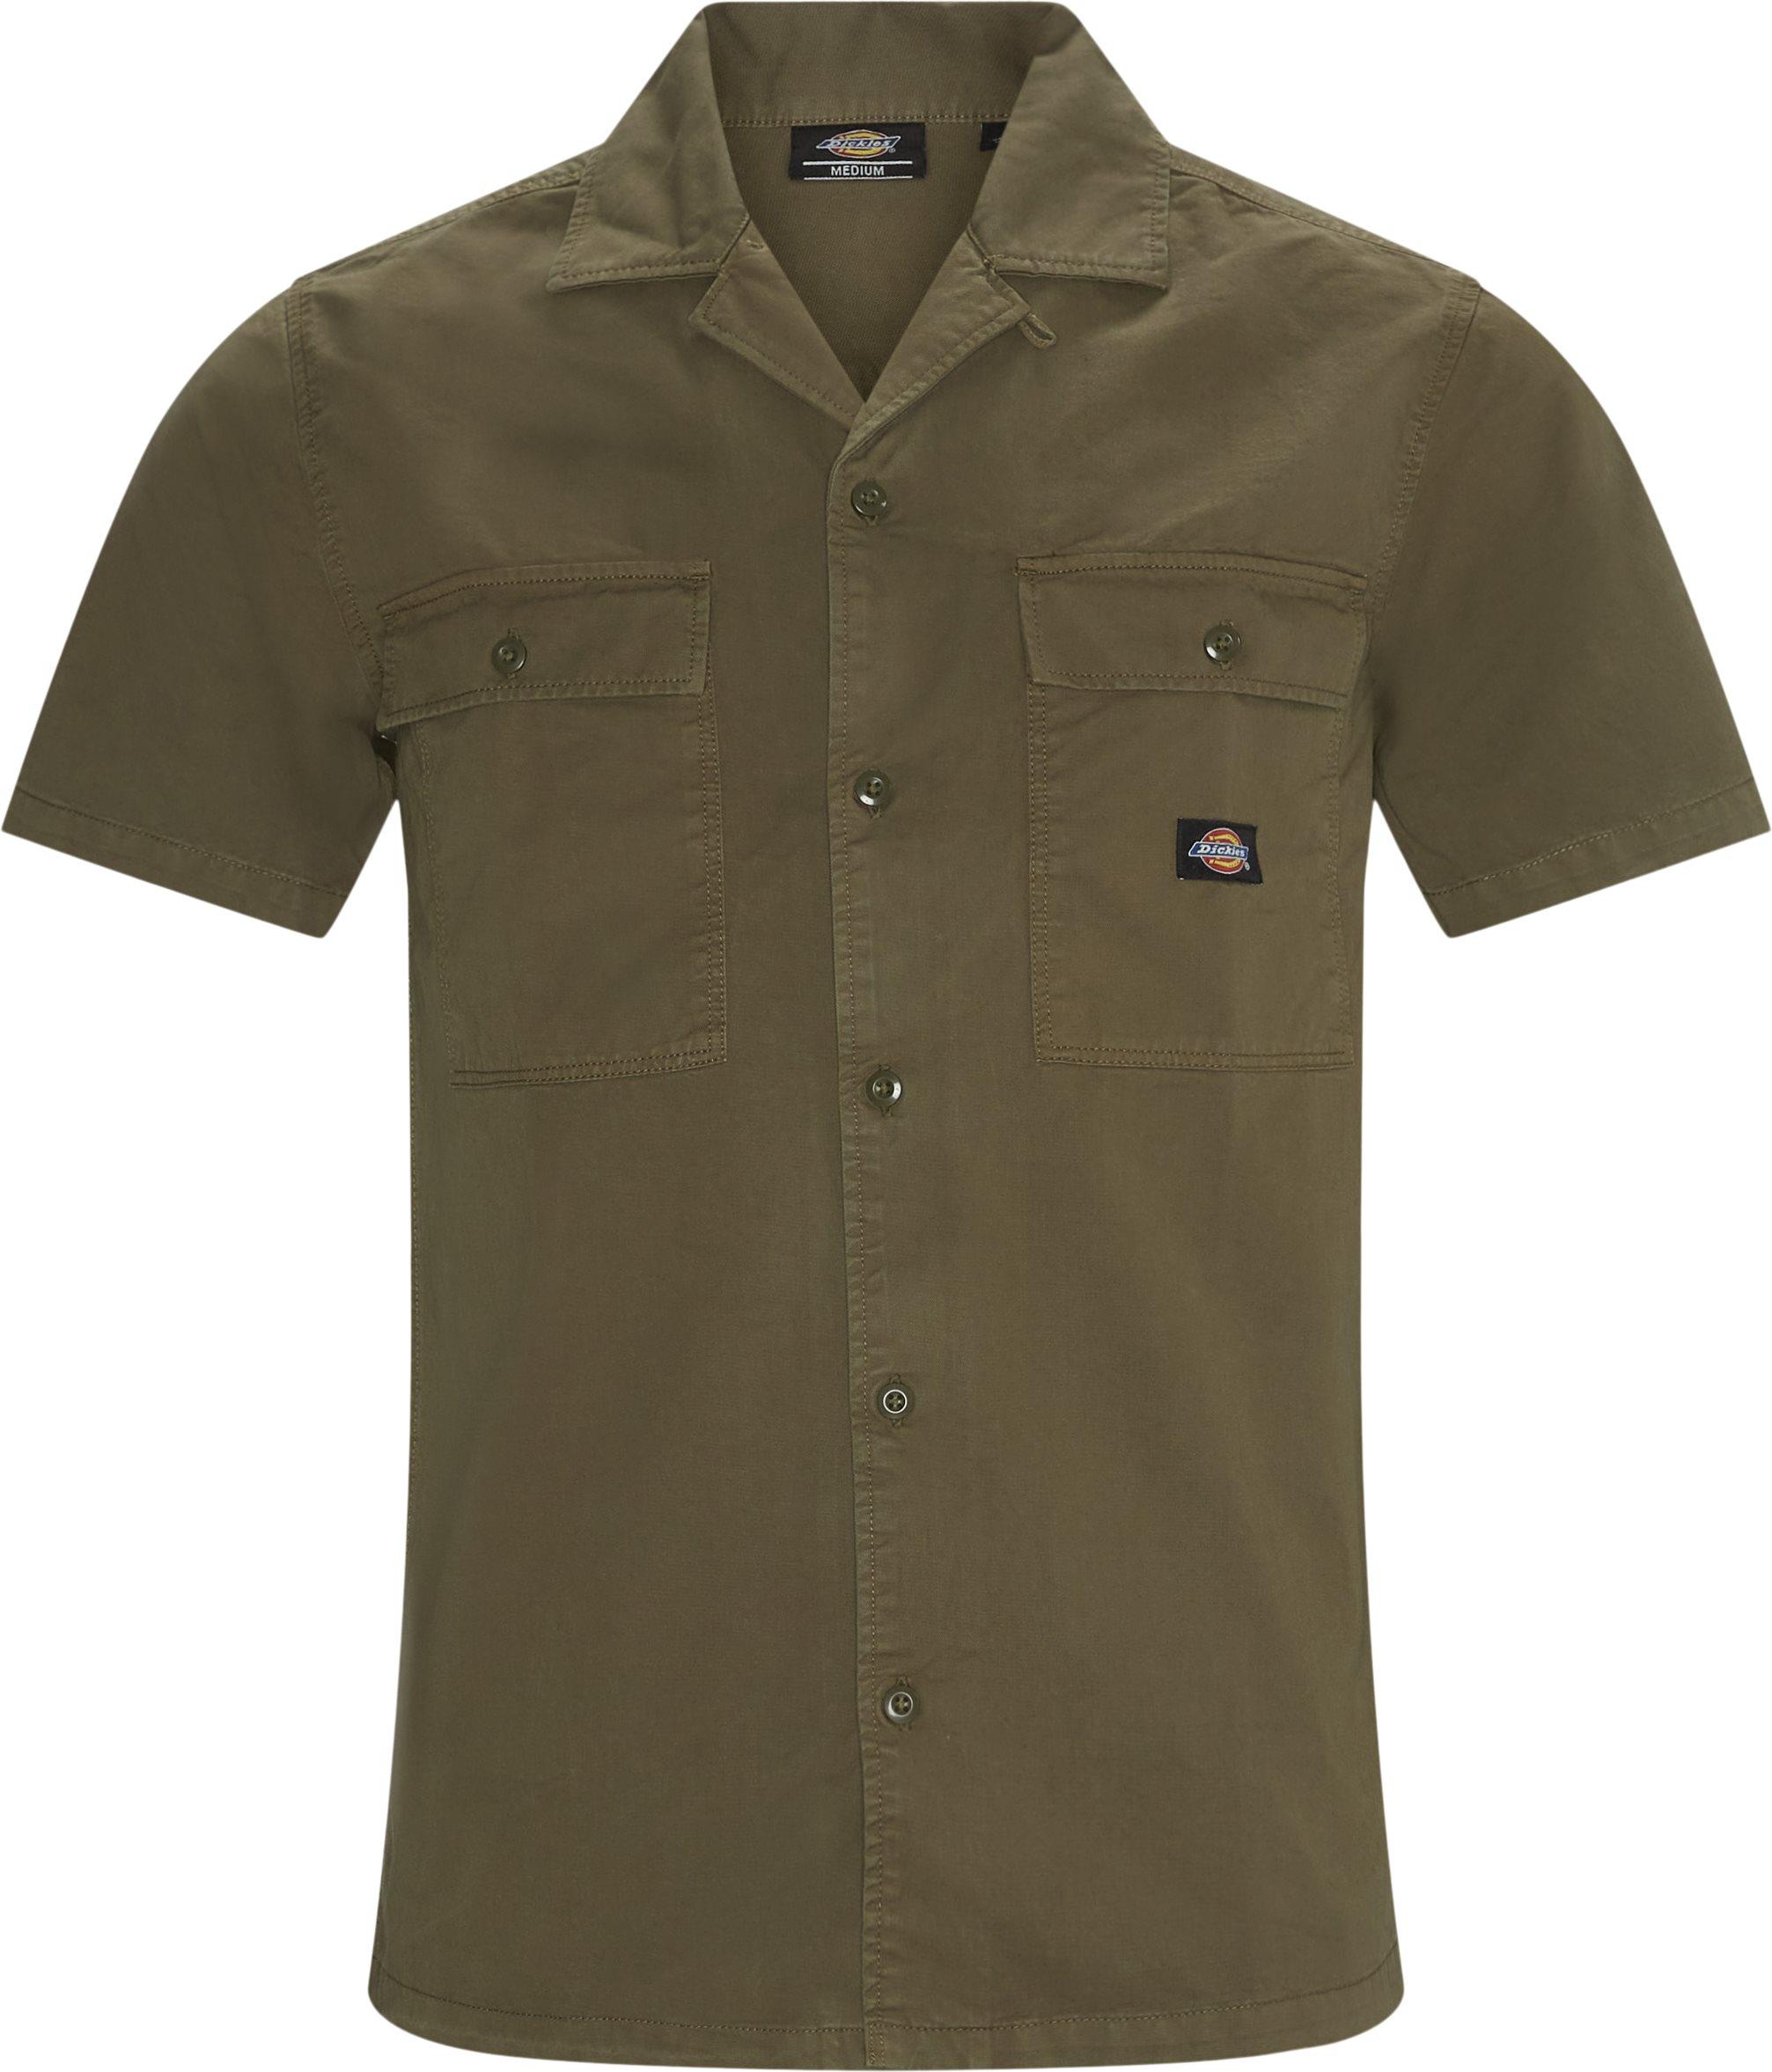 Skjortor - Regular fit - Grön